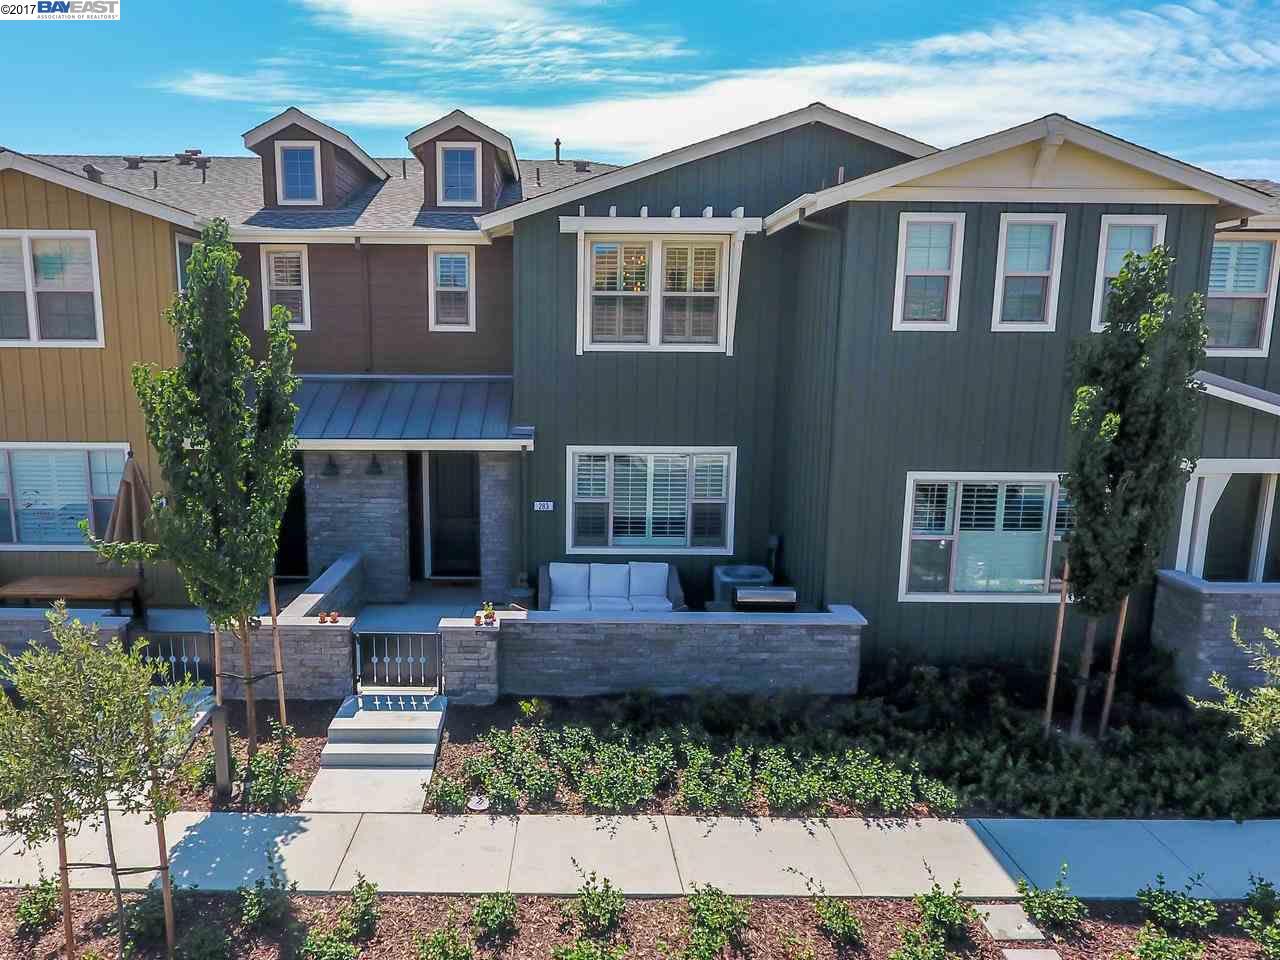 タウンハウス のために 売買 アット 283 Fennel Way Livermore, カリフォルニア 94551 アメリカ合衆国